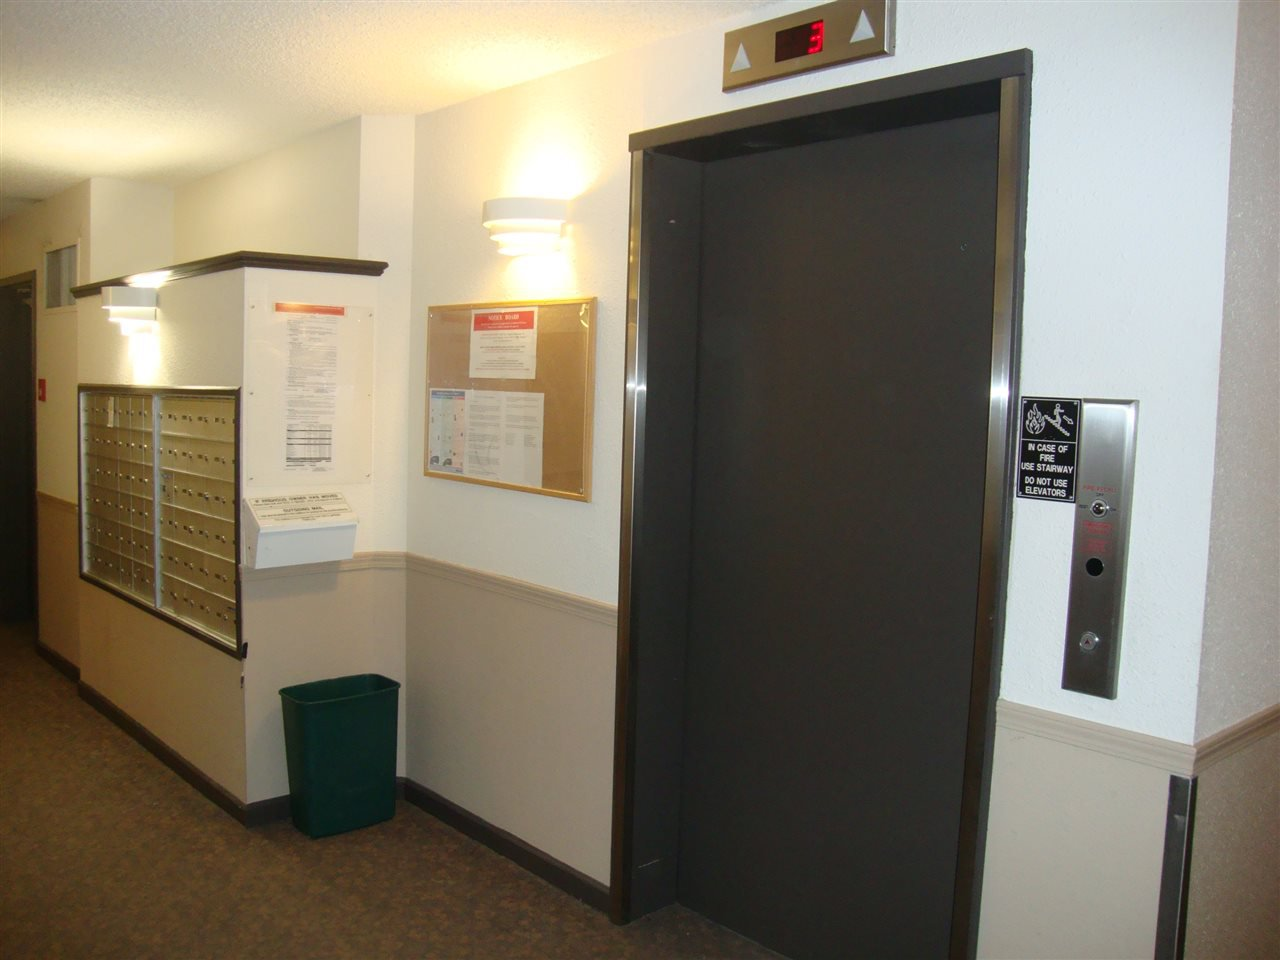 Photo 11: Photos: 306 11620 9A Avenue in Edmonton: Zone 16 Condo for sale : MLS®# E4164657